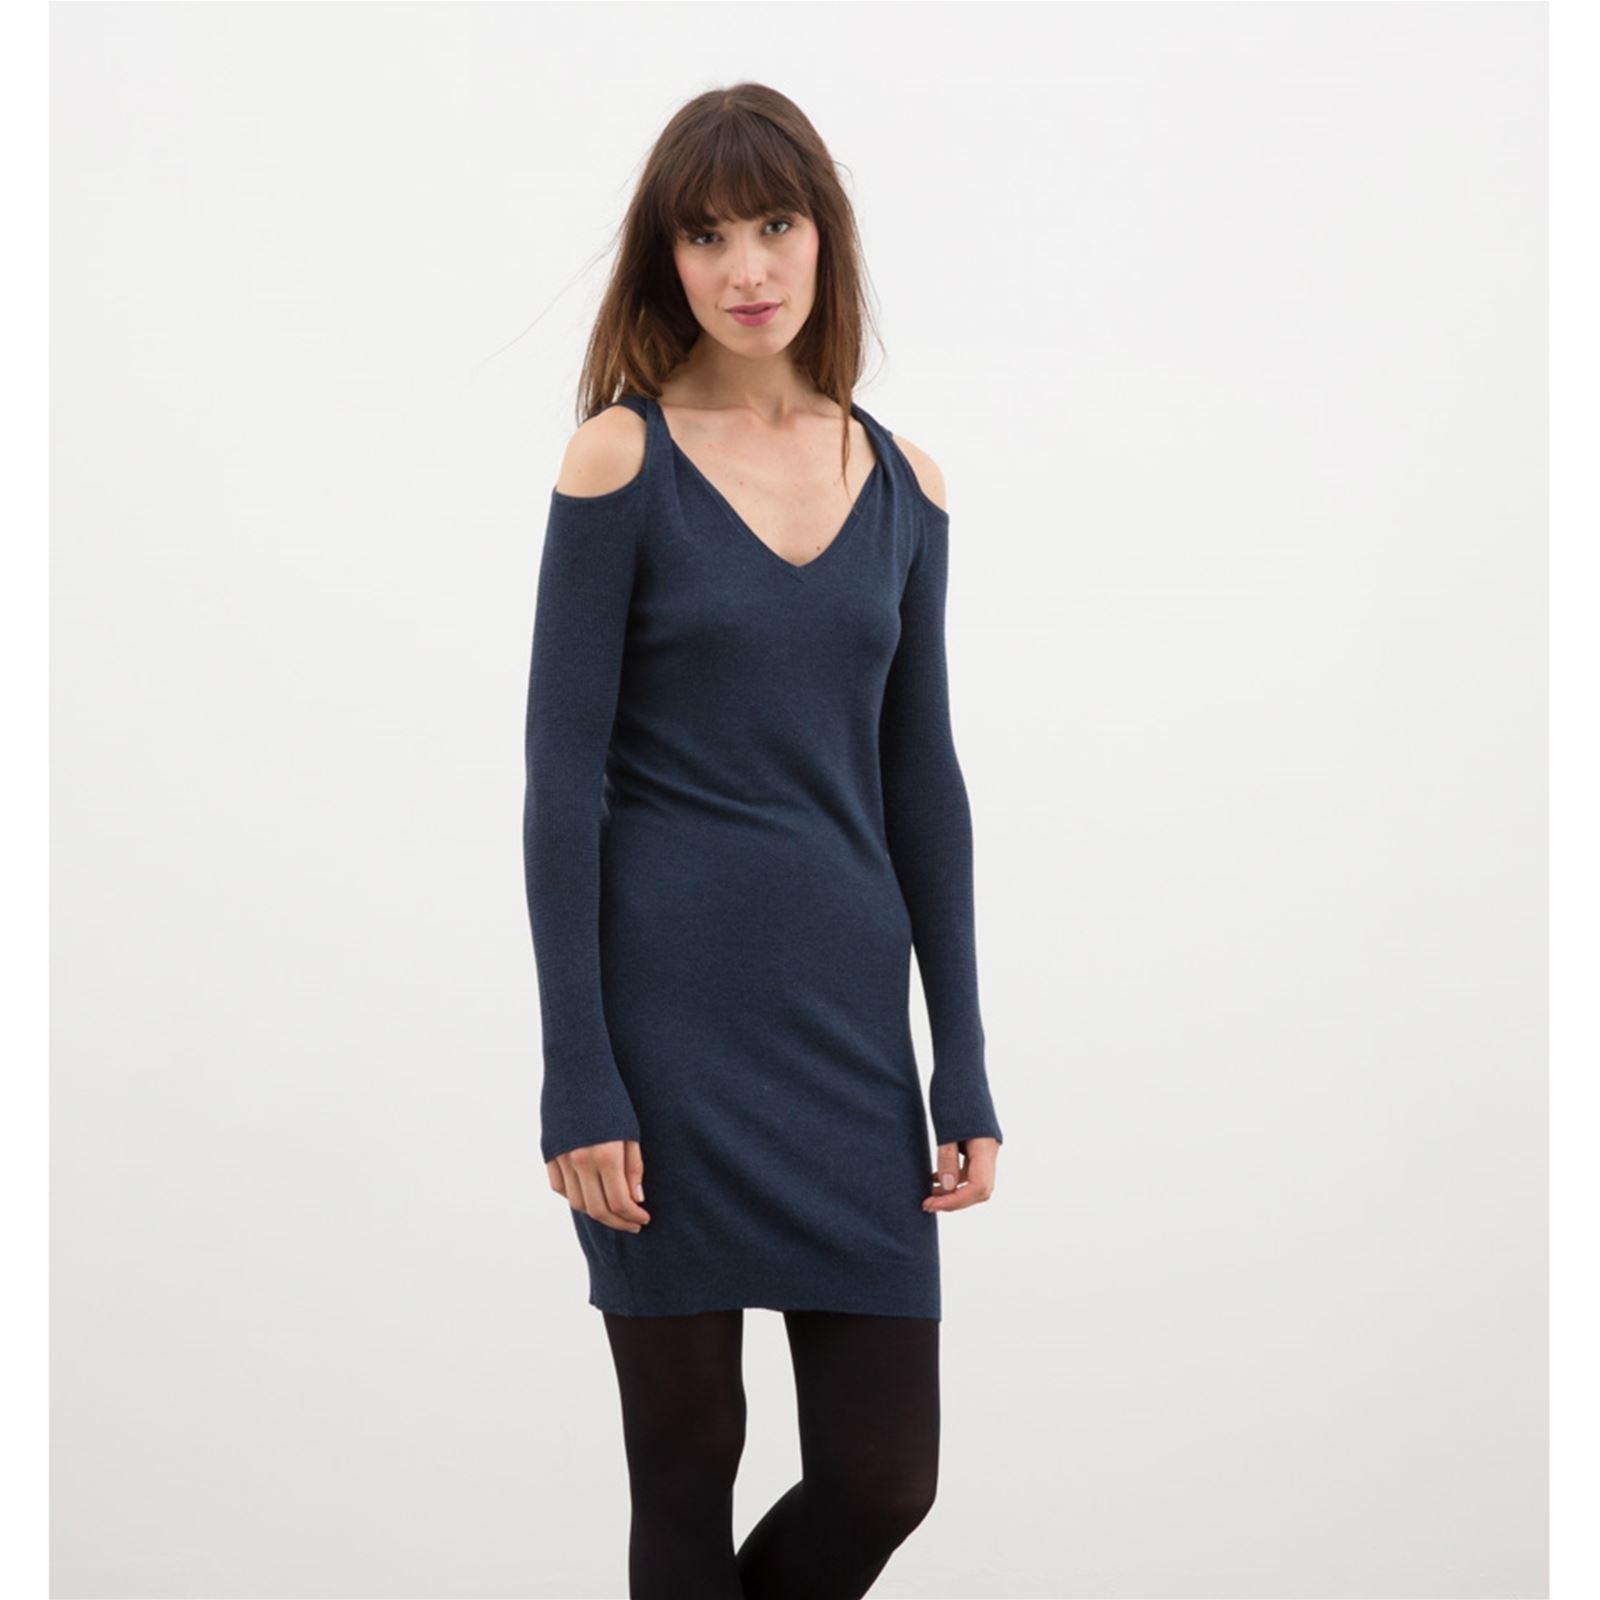 13 Erstaunlich Kurzes Kleid Blau für 2019Abend Spektakulär Kurzes Kleid Blau Spezialgebiet